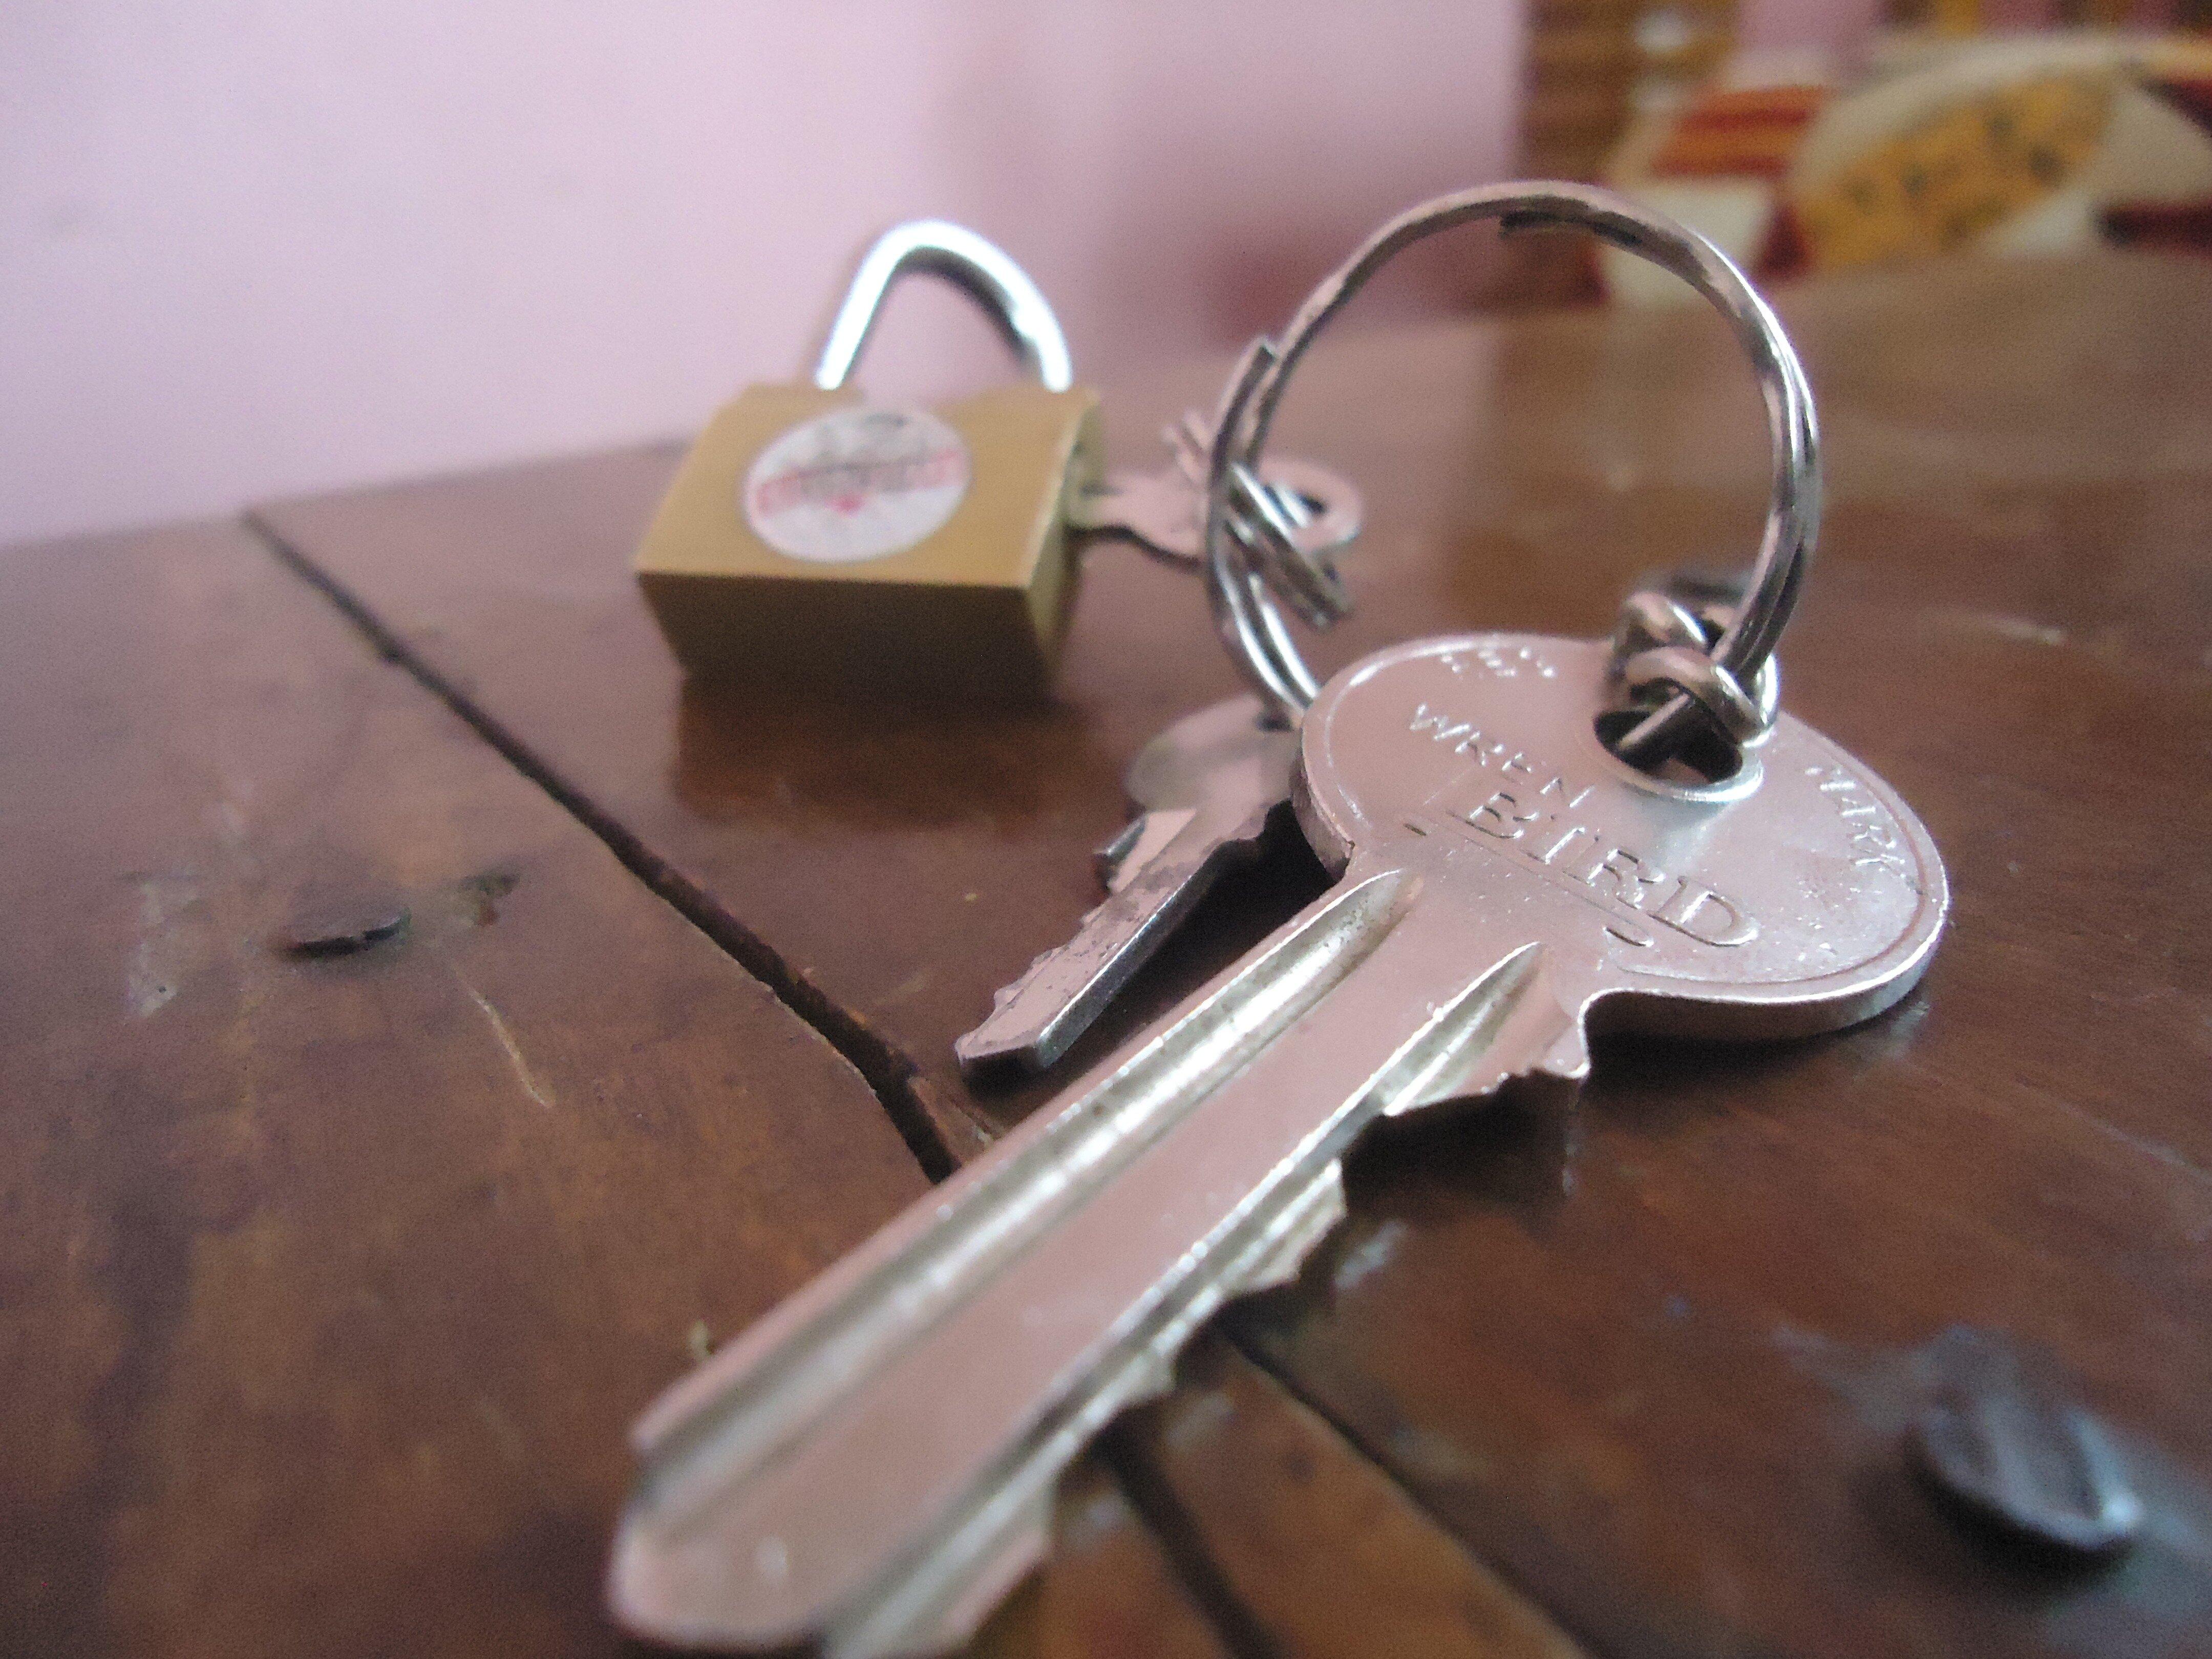 Изображение - Оформление квартиры в собственность open-symbol-key-security-keychain-padlock-1014659-pxhere.com_